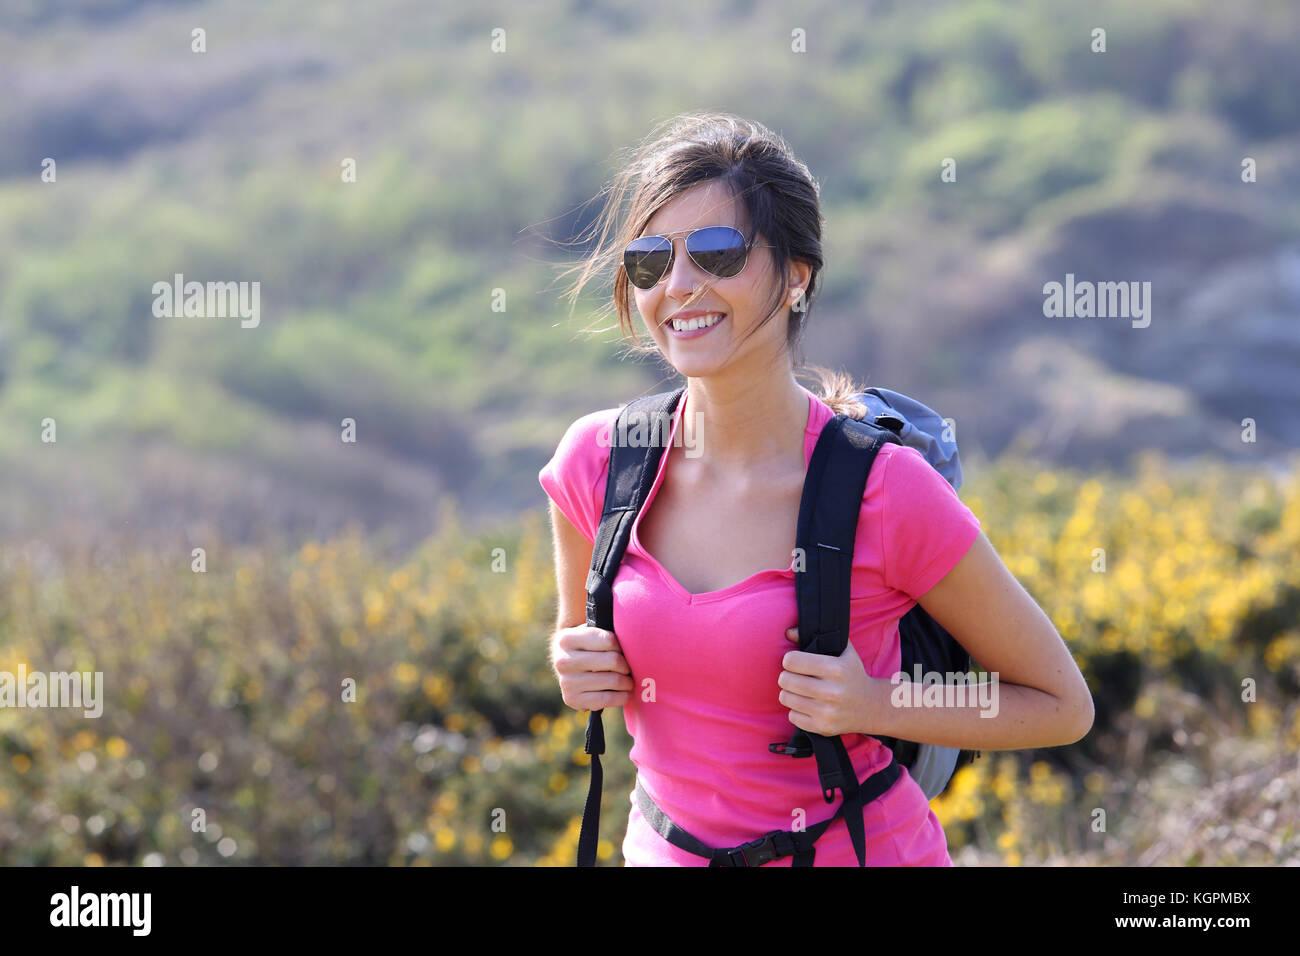 Escursionista sorridente ragazza camminare nel percorso di paese Immagini Stock